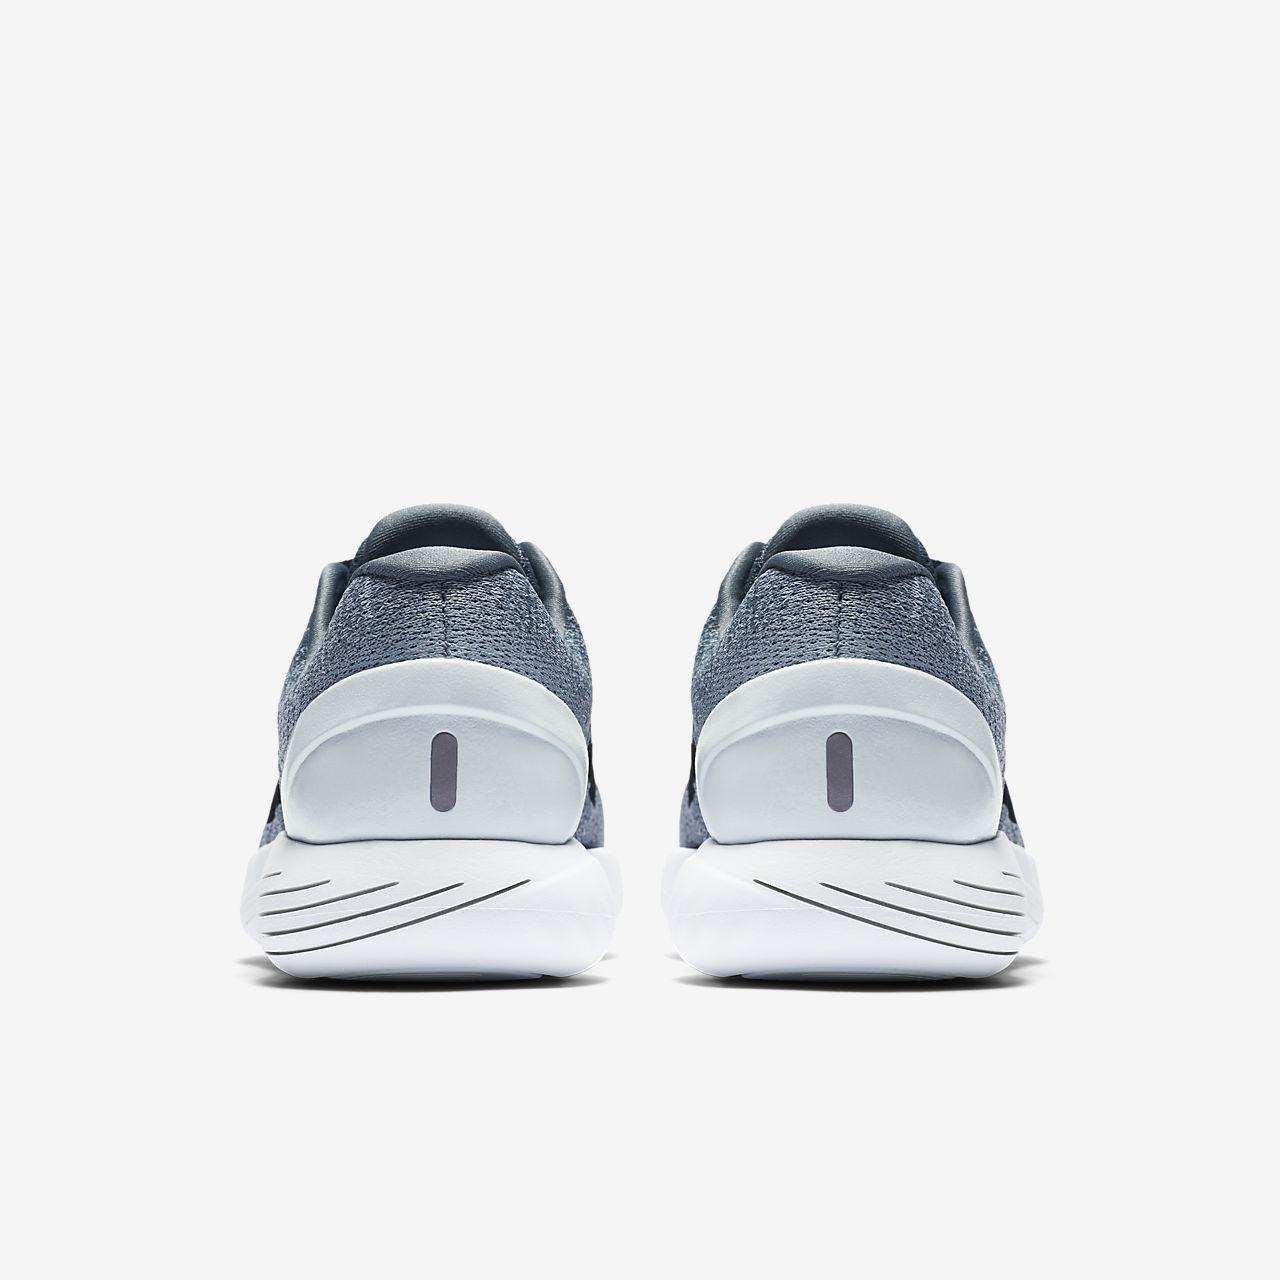 dac08e997177 Nike LunarGlide 9 Women s Running Shoe. Nike.com AU